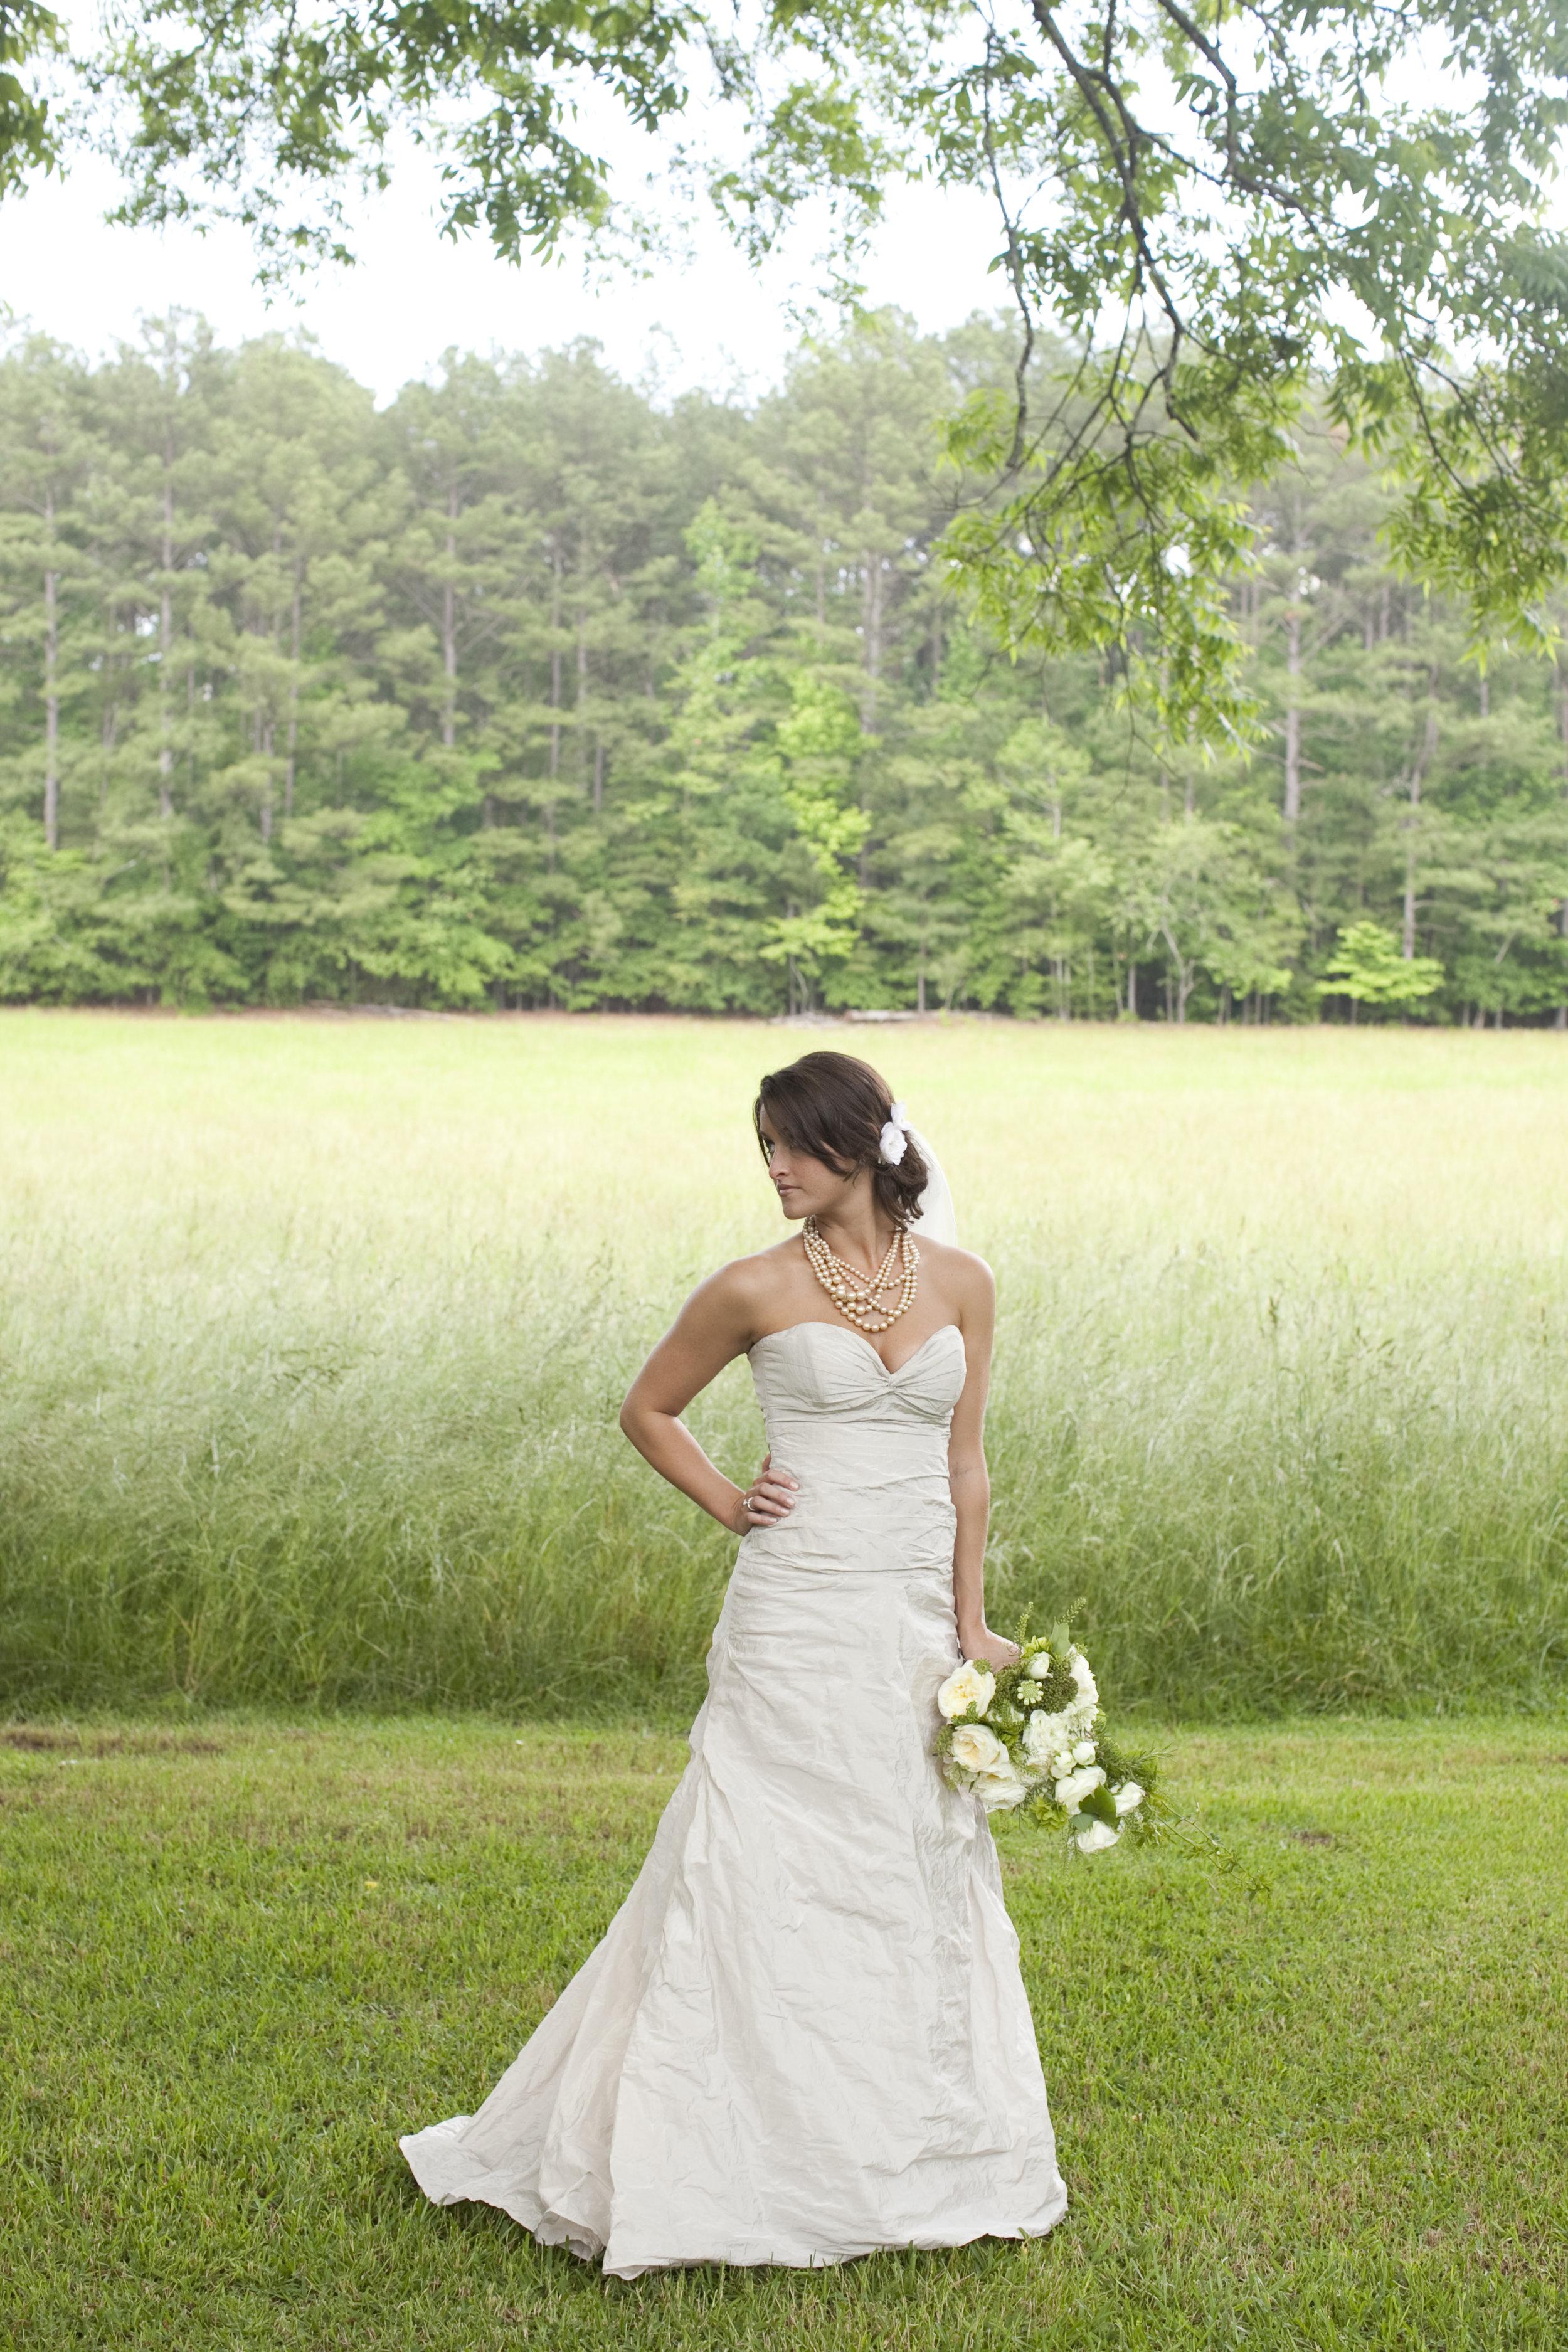 outdoor bride / heirloomed